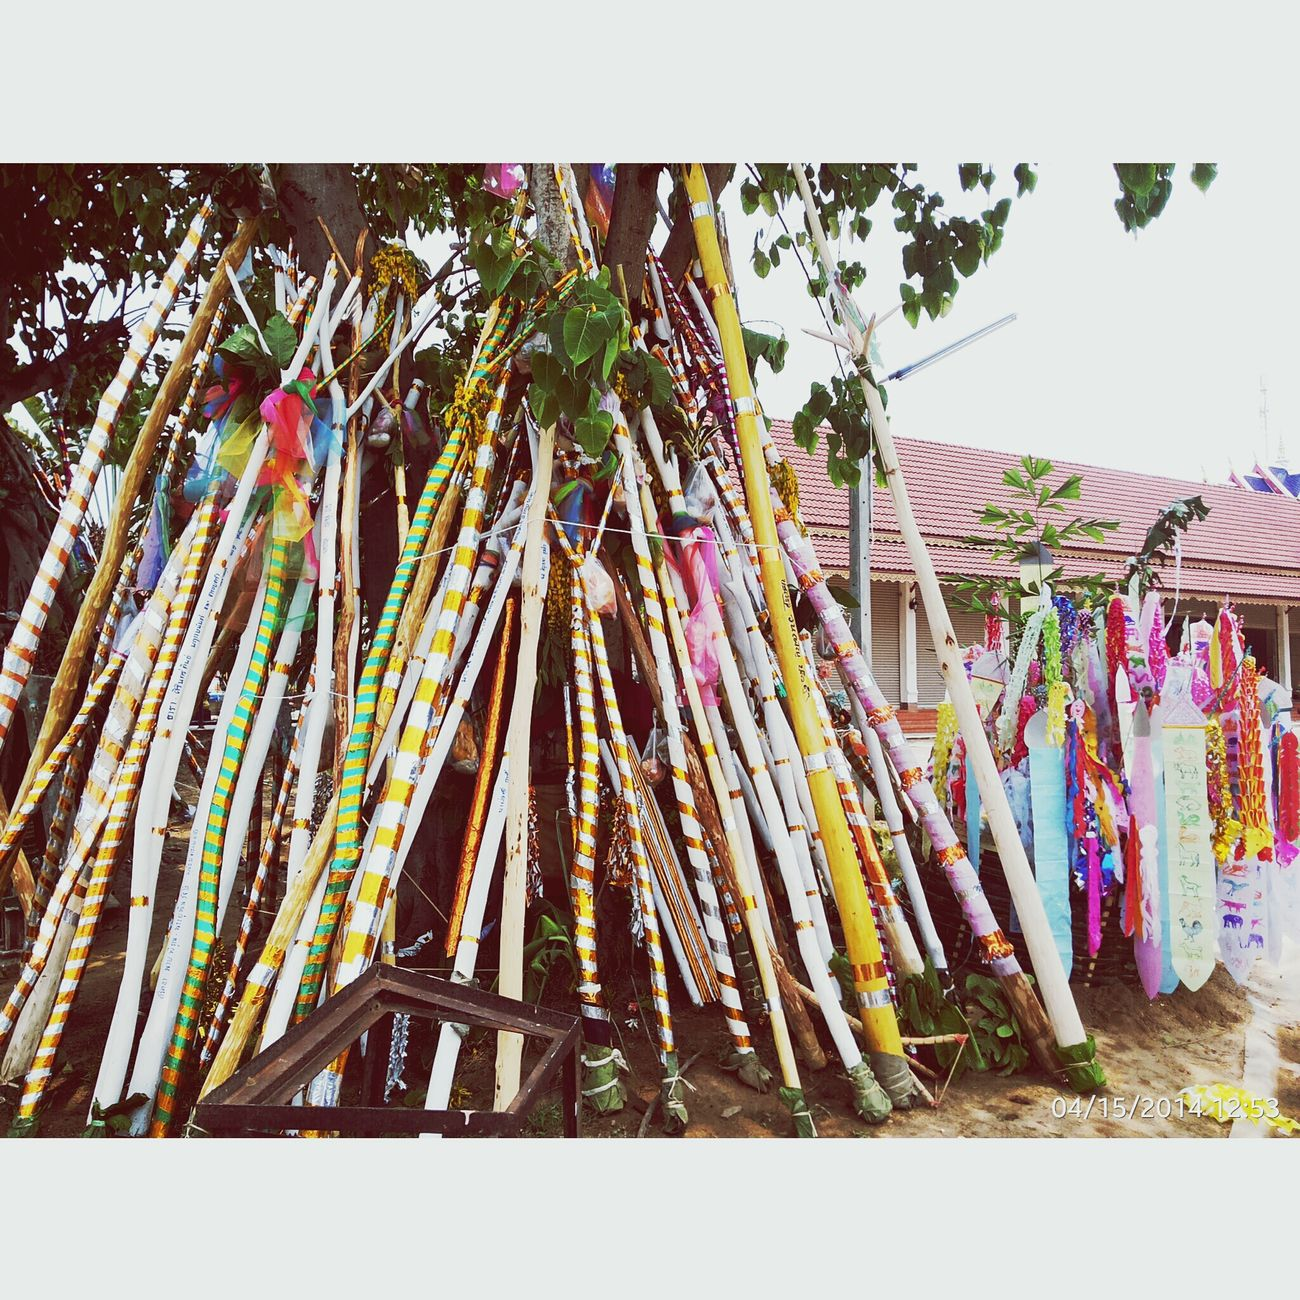 ไม้ค้ำยันเพื่อความเป็นสิริมงคลแก่บ้าน ขอพรปีใหม่ Songkran Festival Thailand